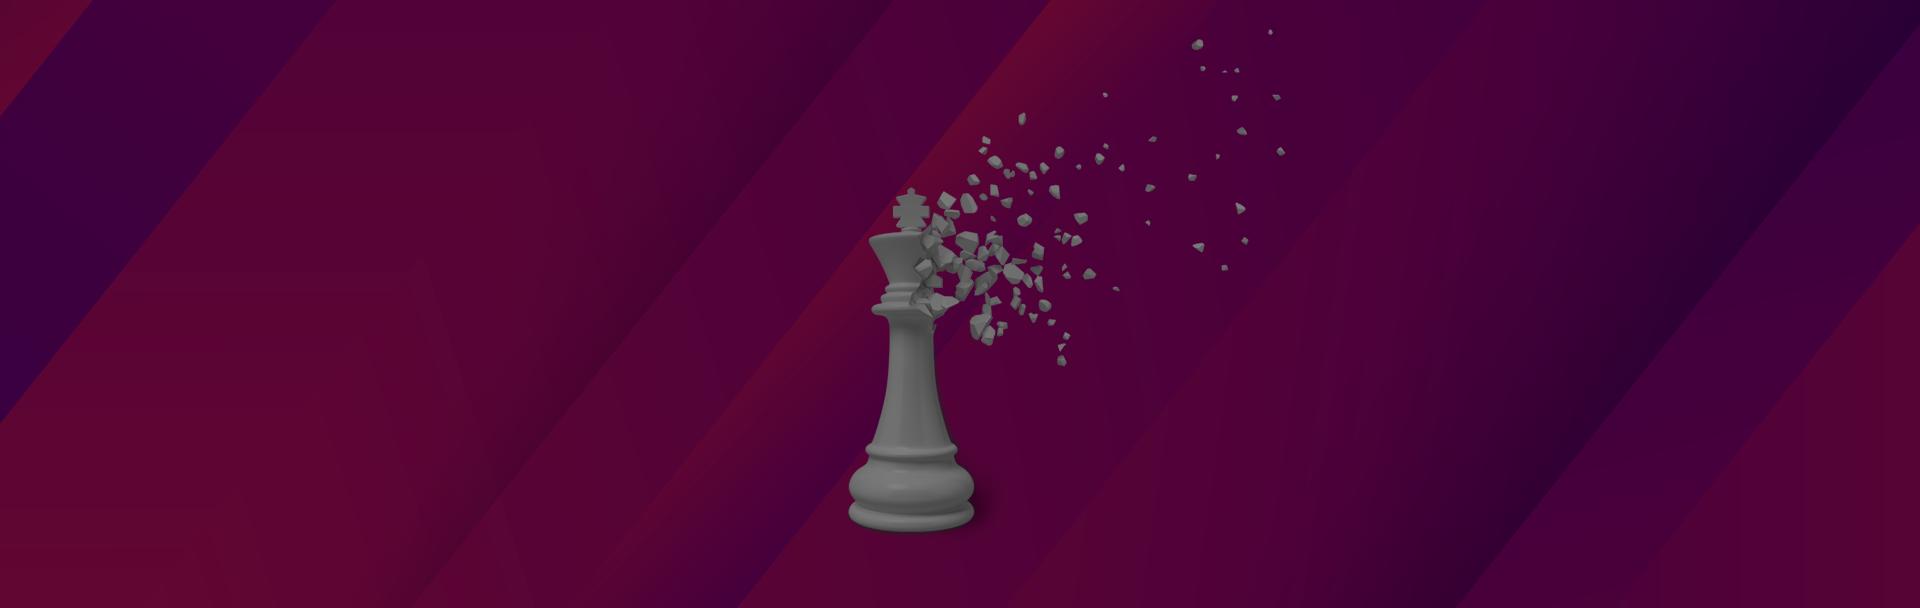 blog-solucionweb-contenido-es-el-rey